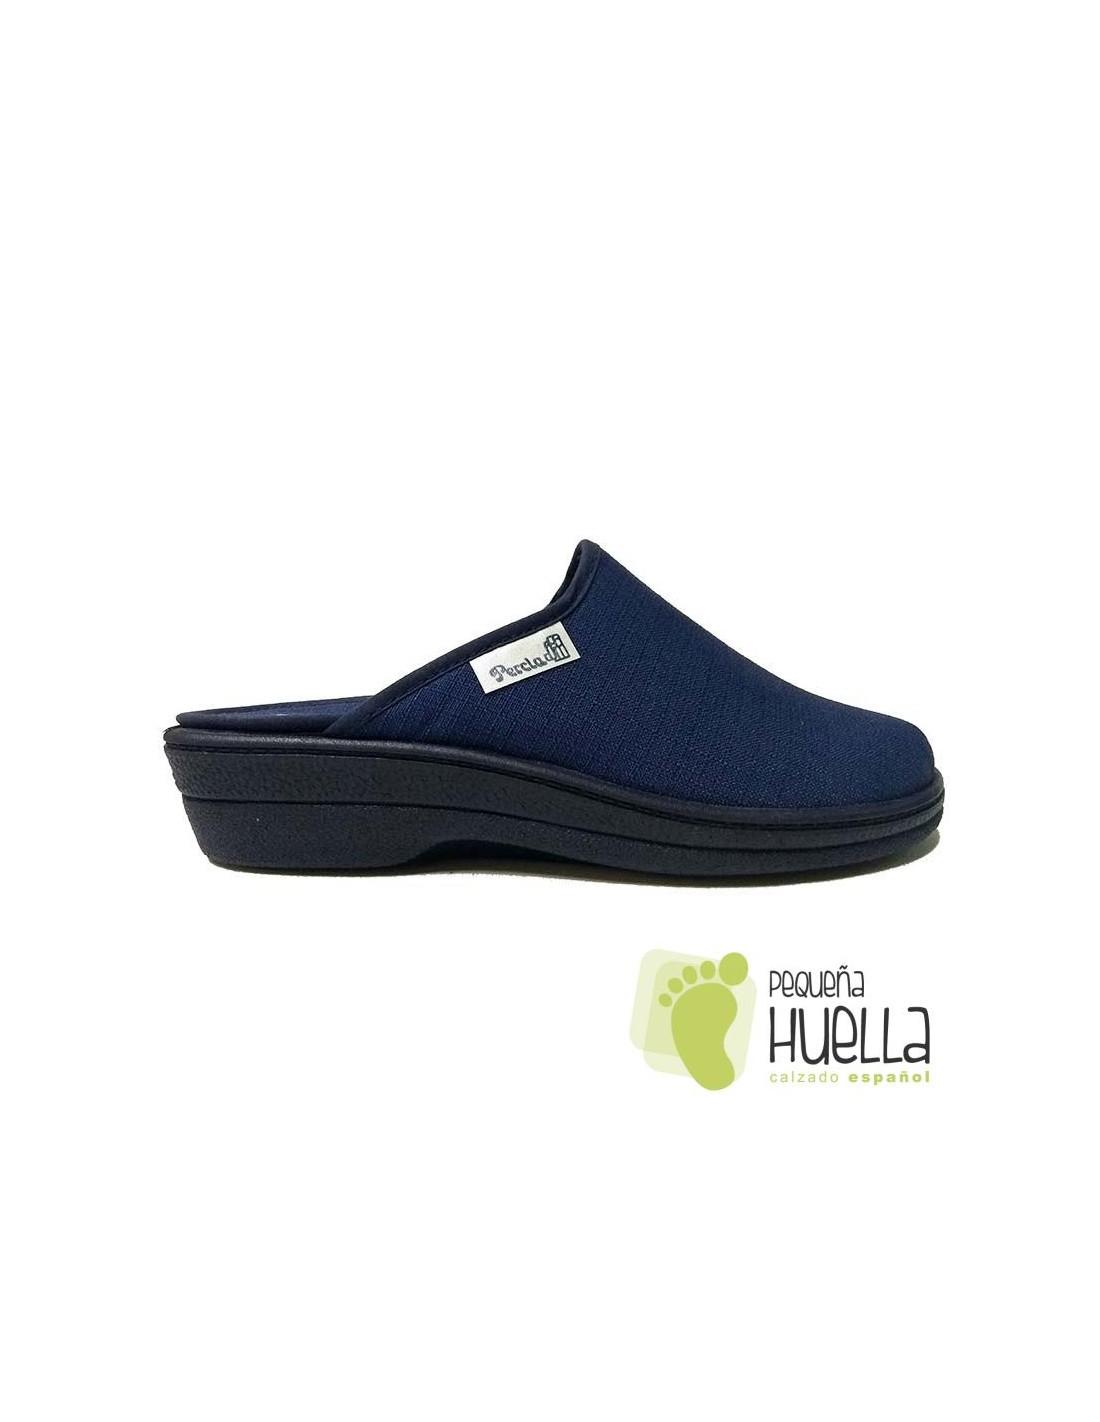 4809586285c Comprar Zuecos - Zapatillas de casa anatómicas para mujer | La Percla